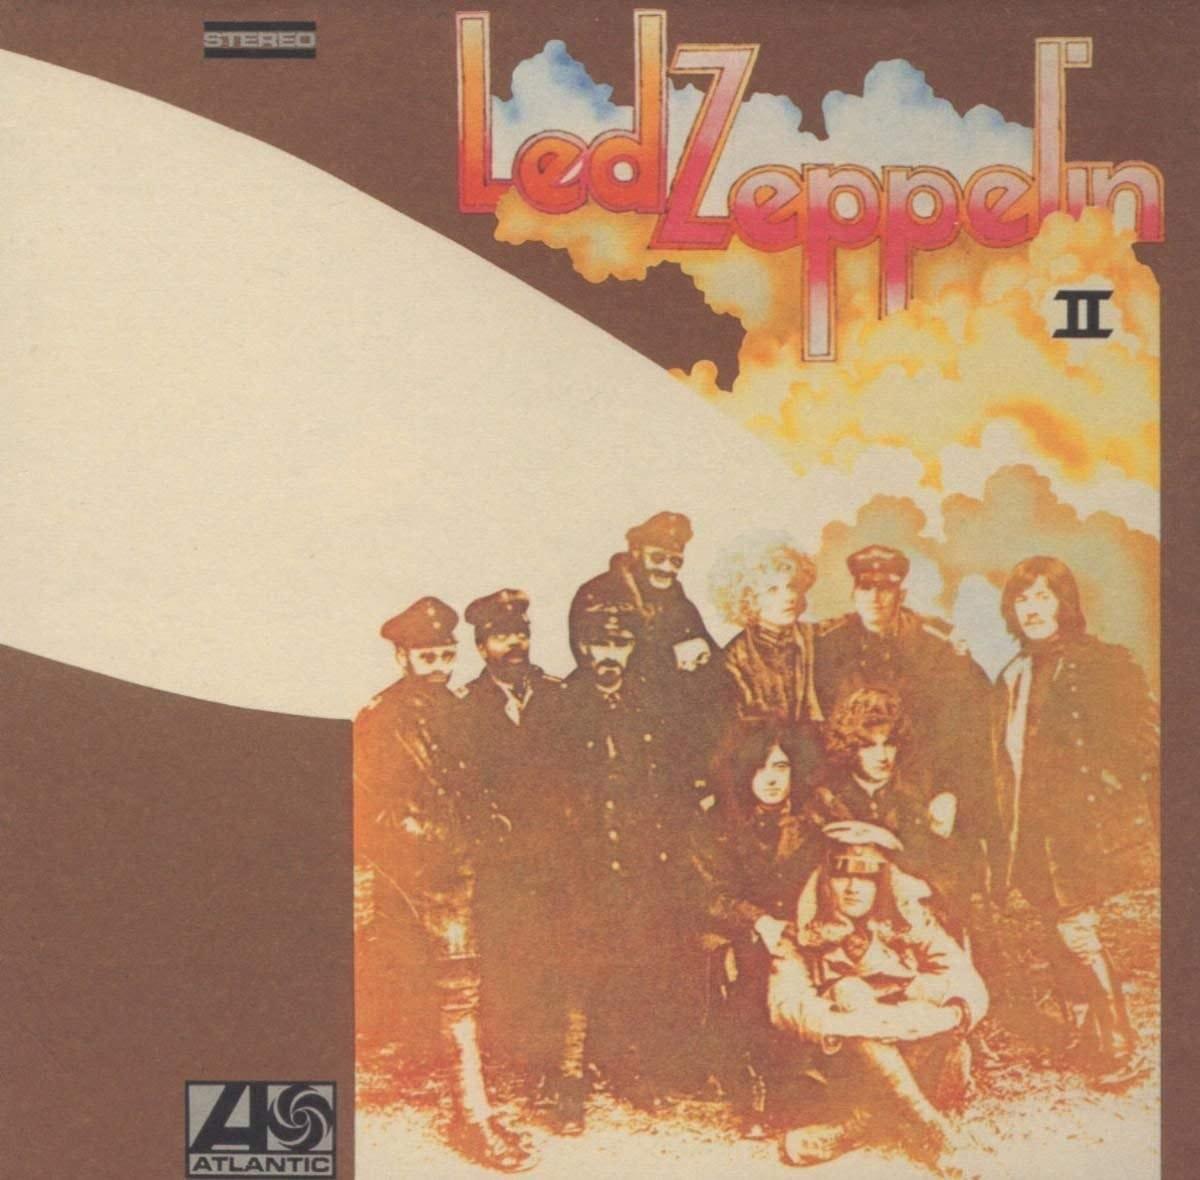 Led-Zeppelin-II-Led-Zeppelin-1628799519